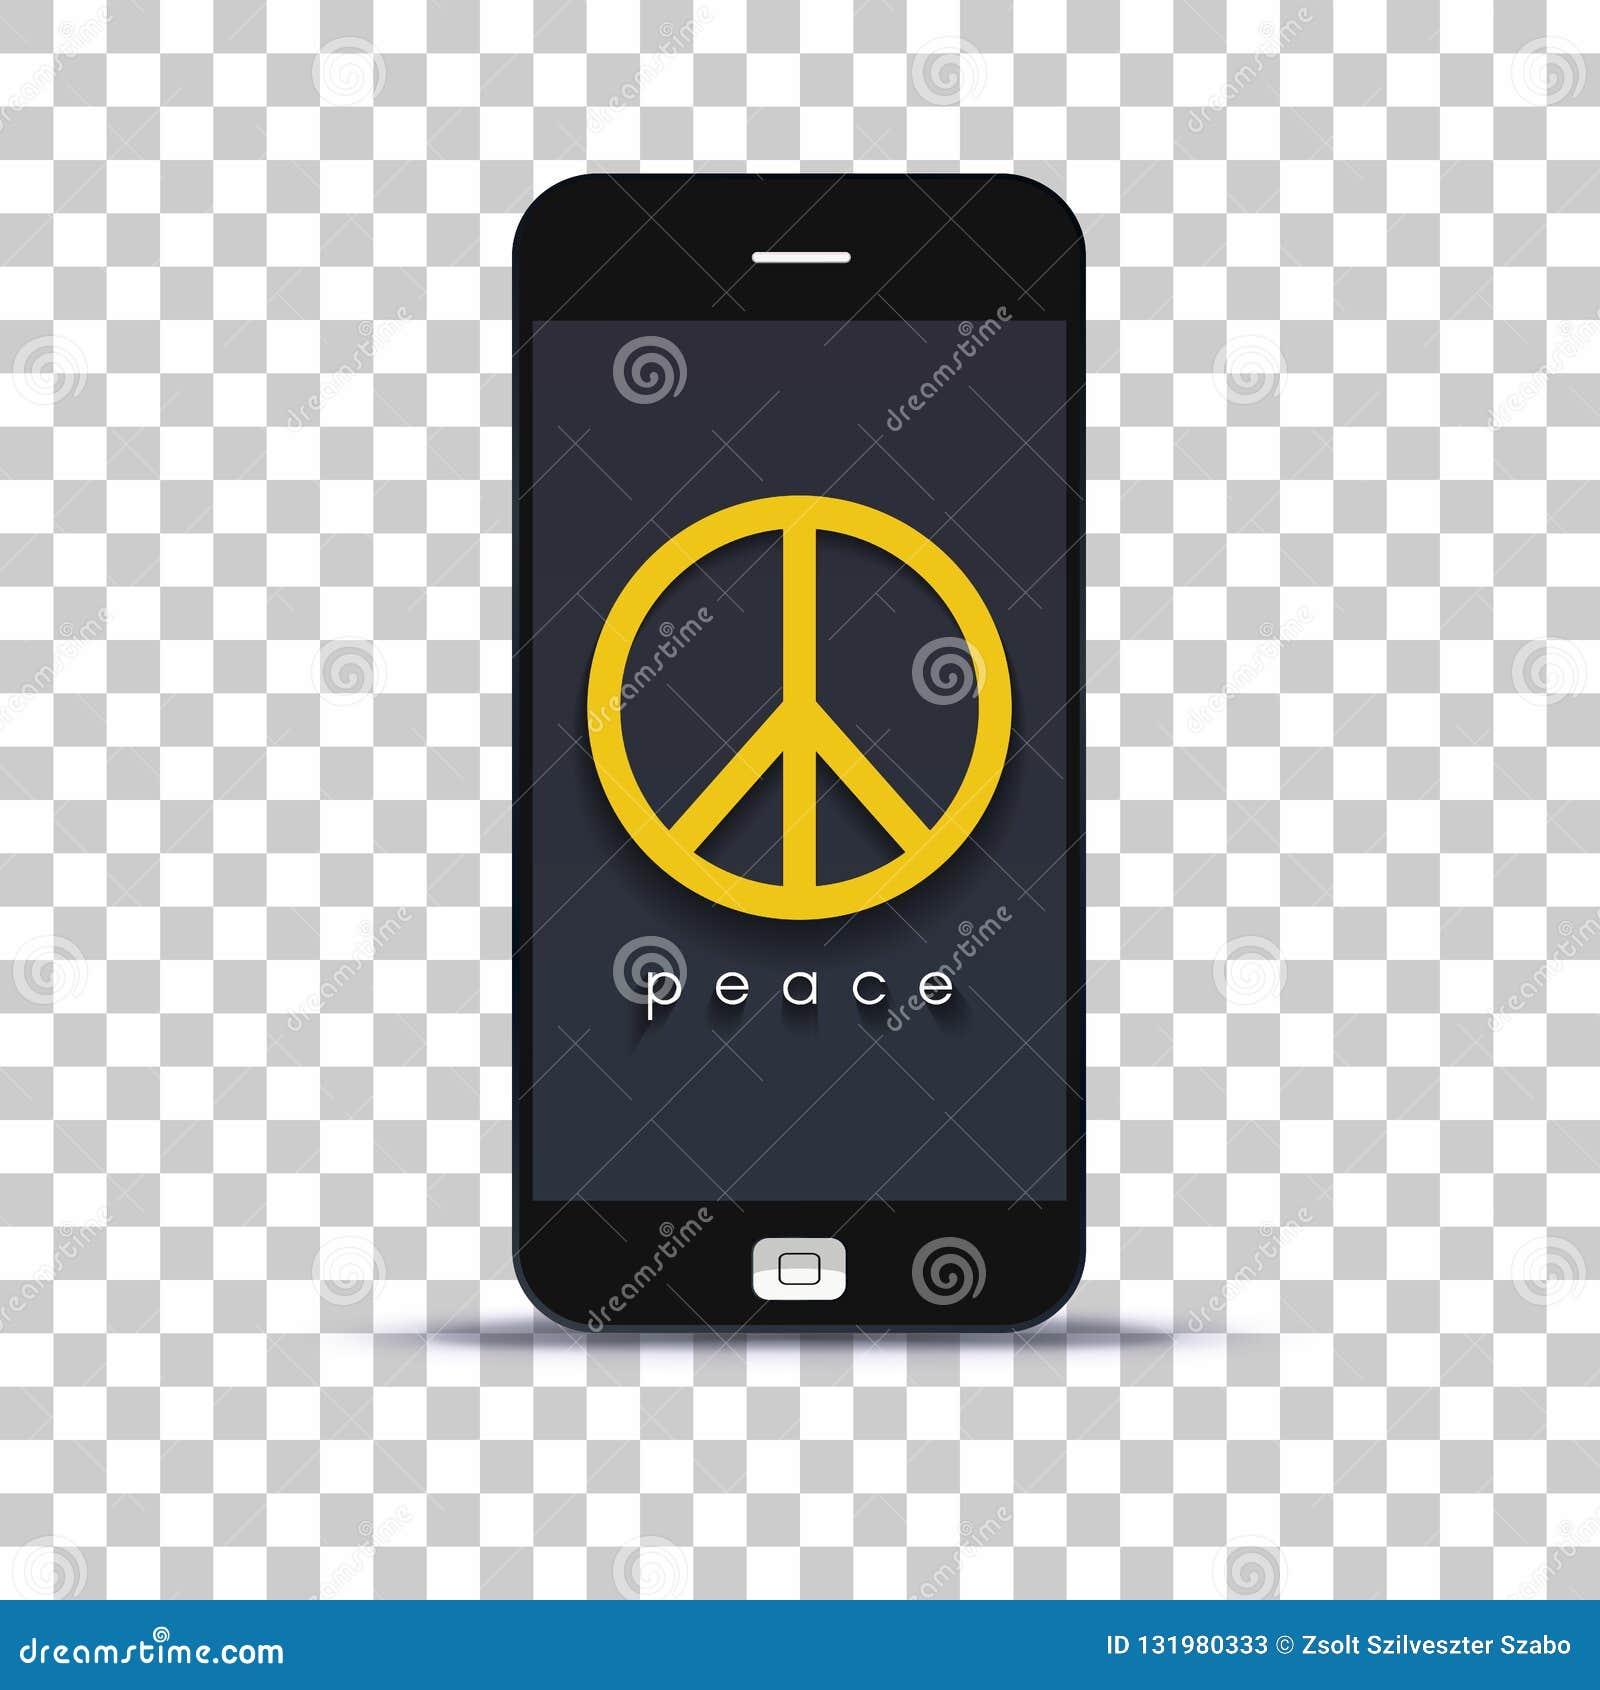 Ищущ применение мира для мобильного телефона наклеенного на бумаге фото